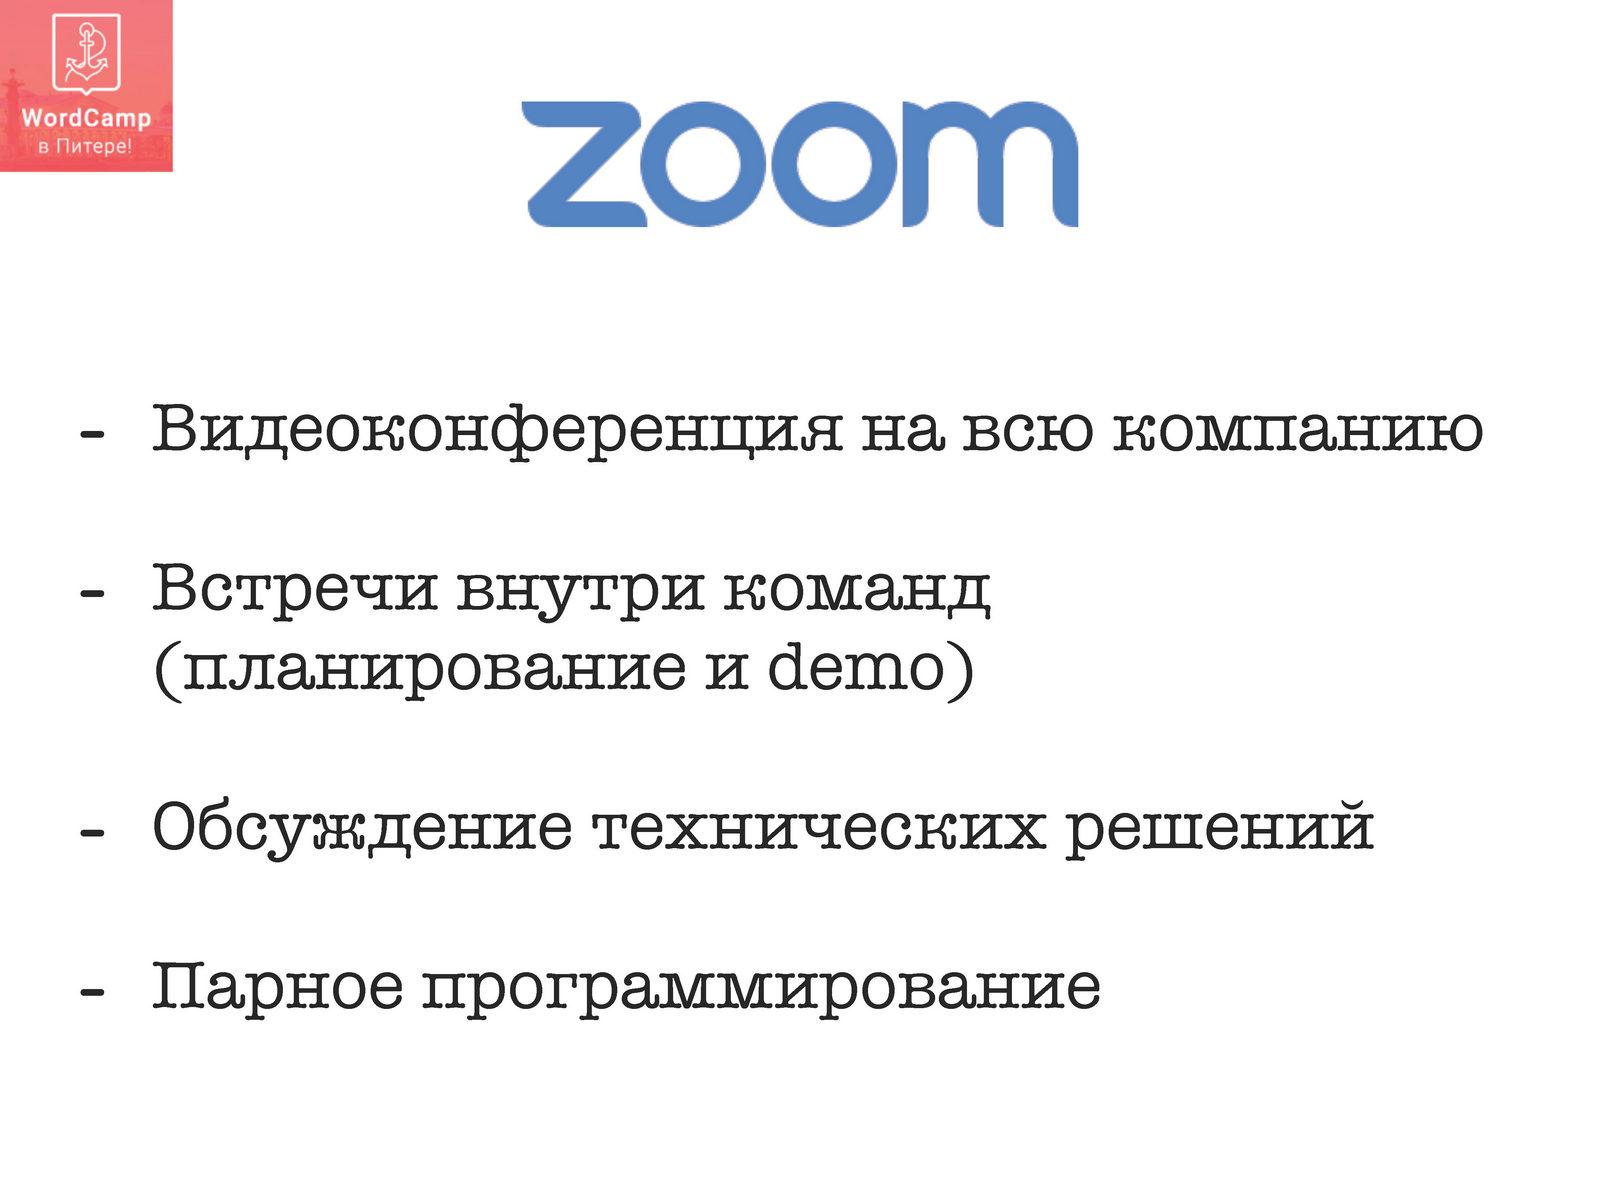 Тимур Гоголев - 100% распределенная компания мифы или реальность_Page_15